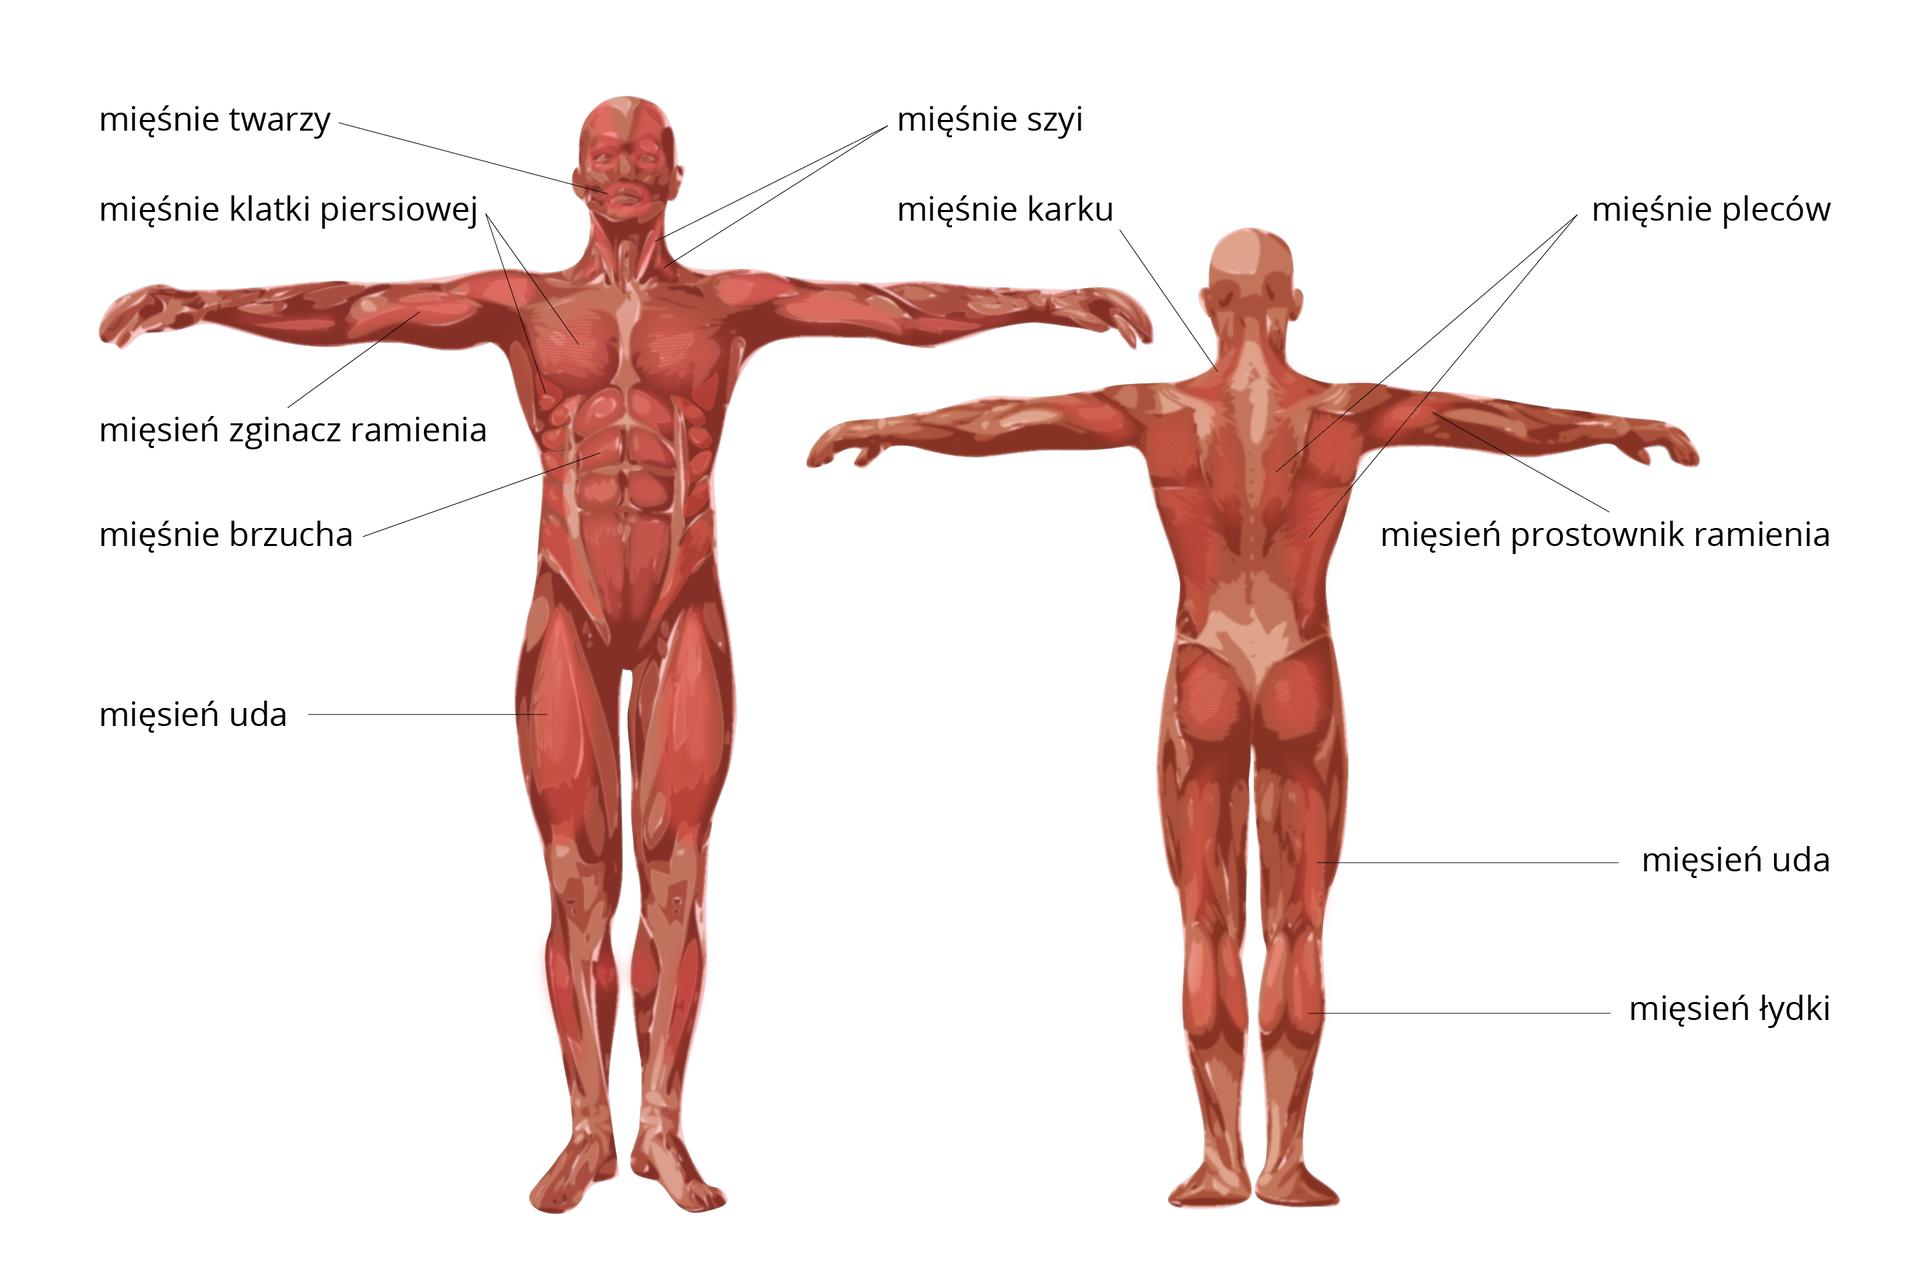 Ilustracja przedstawia budowę układu mięśniowego człowieka. Po lewej stronnie sylwetka człowieka pokazana zukładem mięśniowym od przodu. Opisano mięśnie: twarzy, szyi, karku, klatki piersiowej, mięsień zginacz ramienia, mięśnie brzucha oraz mięsień uda. Po prawej stronie sylwetka człowieka pokazana zukładem mięśniowym od tyłu. Opisano mięśnie: pleców, mięsień prostownik ramienia, mięśnie uda oraz łydki.